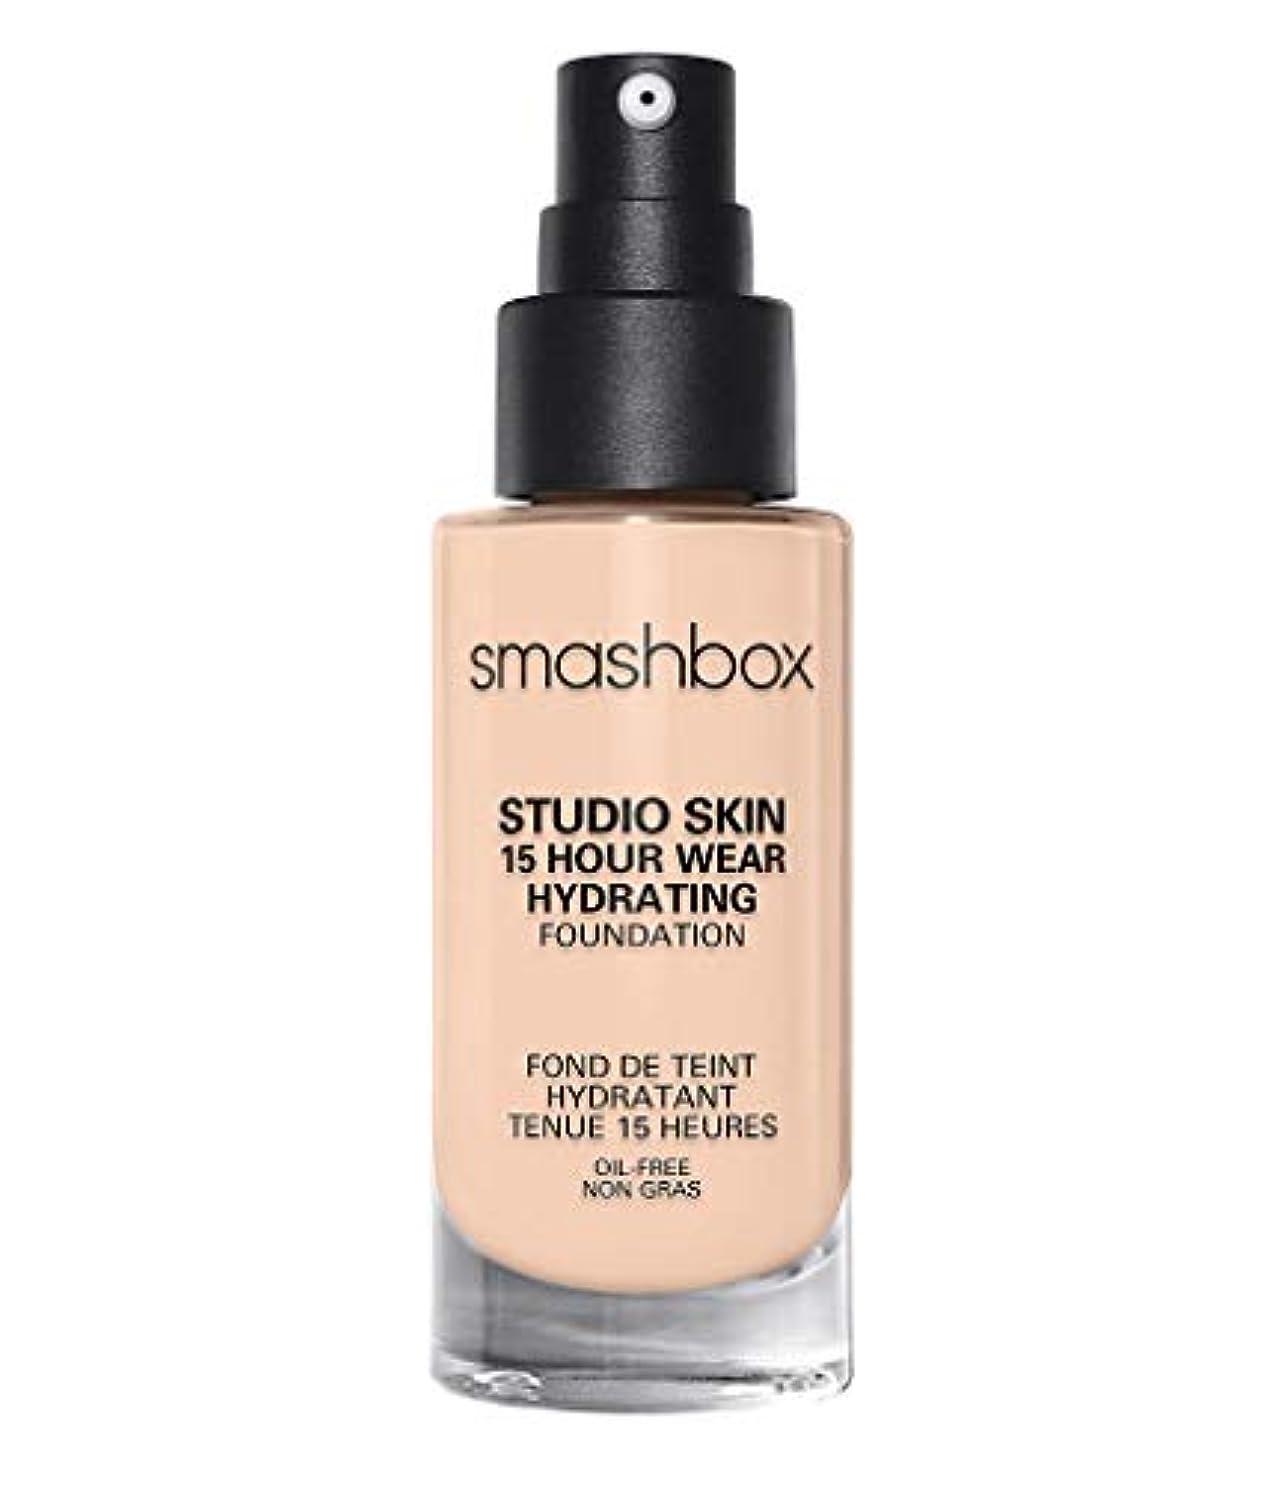 カメラ欲求不満シーフードスマッシュボックス Studio Skin 15 Hour Wear Hydrating Foundation - # 0.3 Fair With Neutral Undertone 30ml/1oz並行輸入品